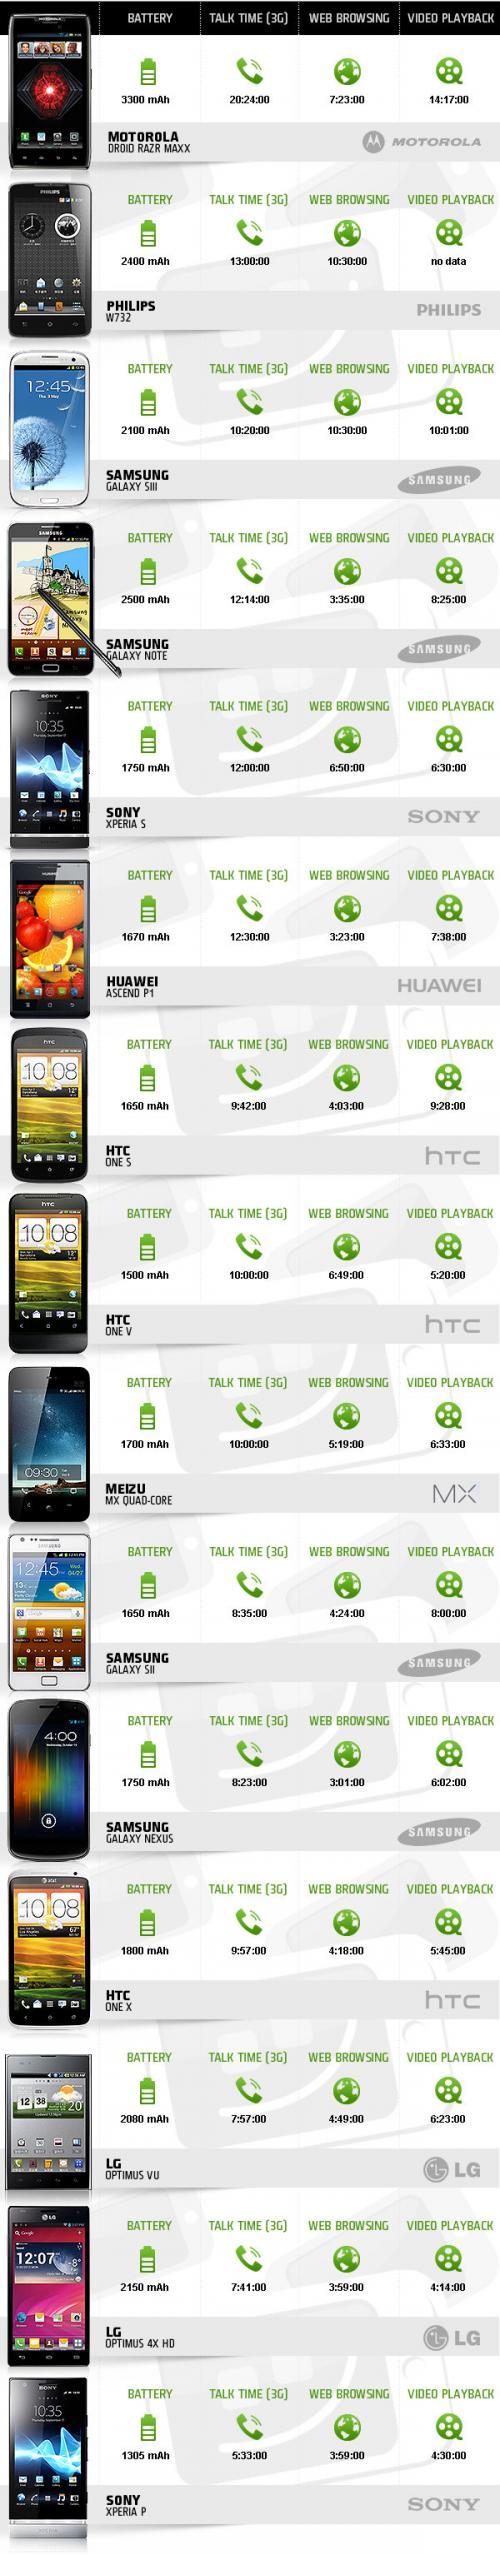 Imagen - La duración de la batería de los 15 teléfonos Android más conocidos